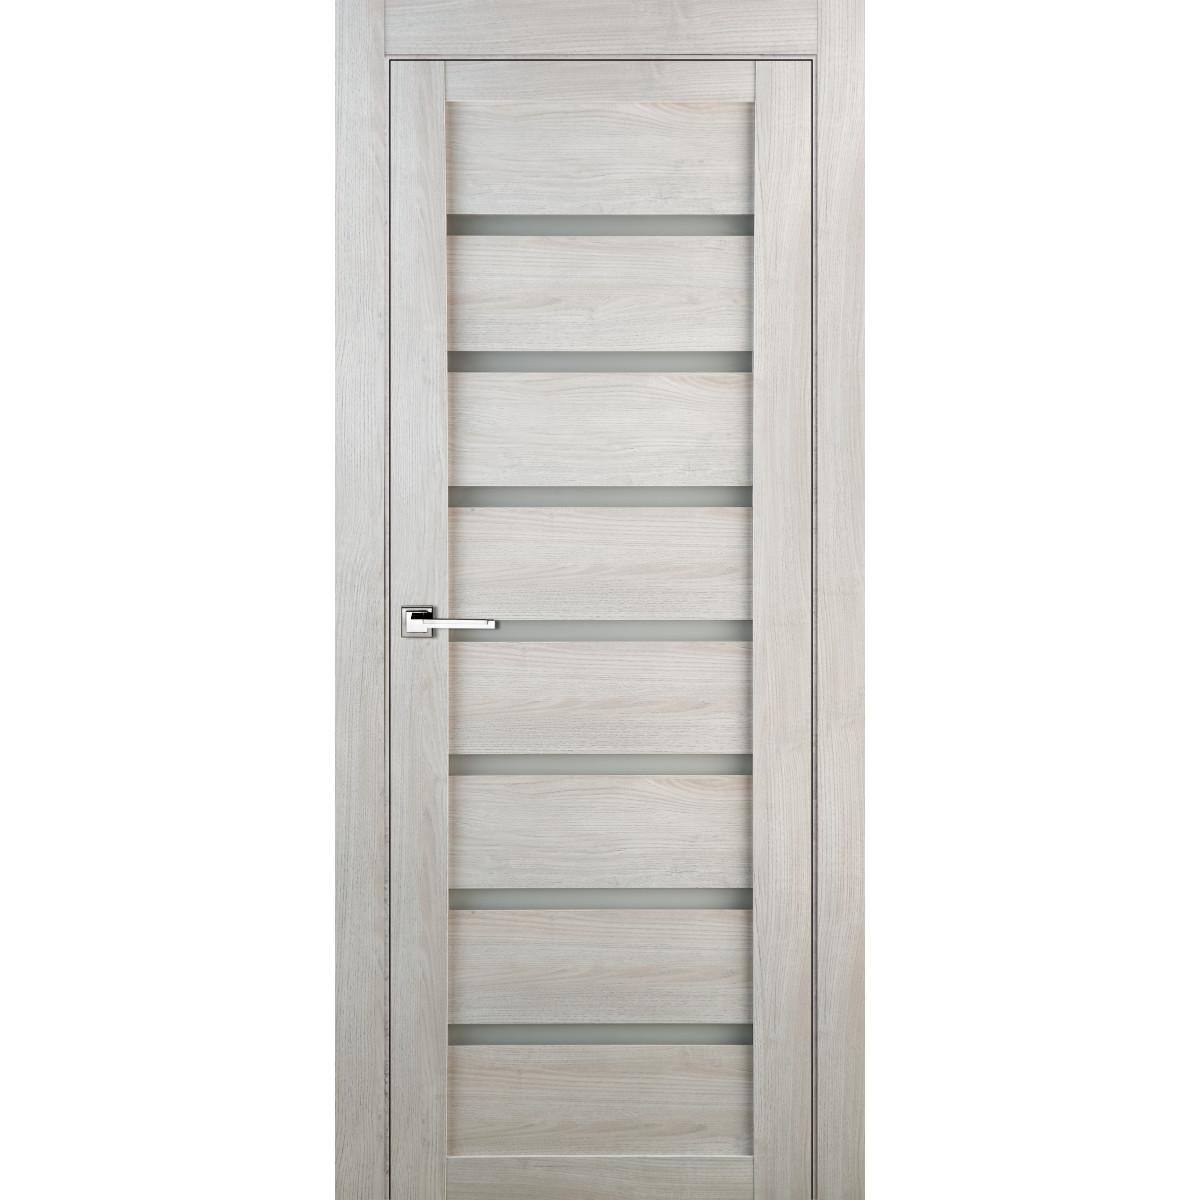 Дверь Межкомнатная Лайн 70x200 Цвет Дуб Бриг